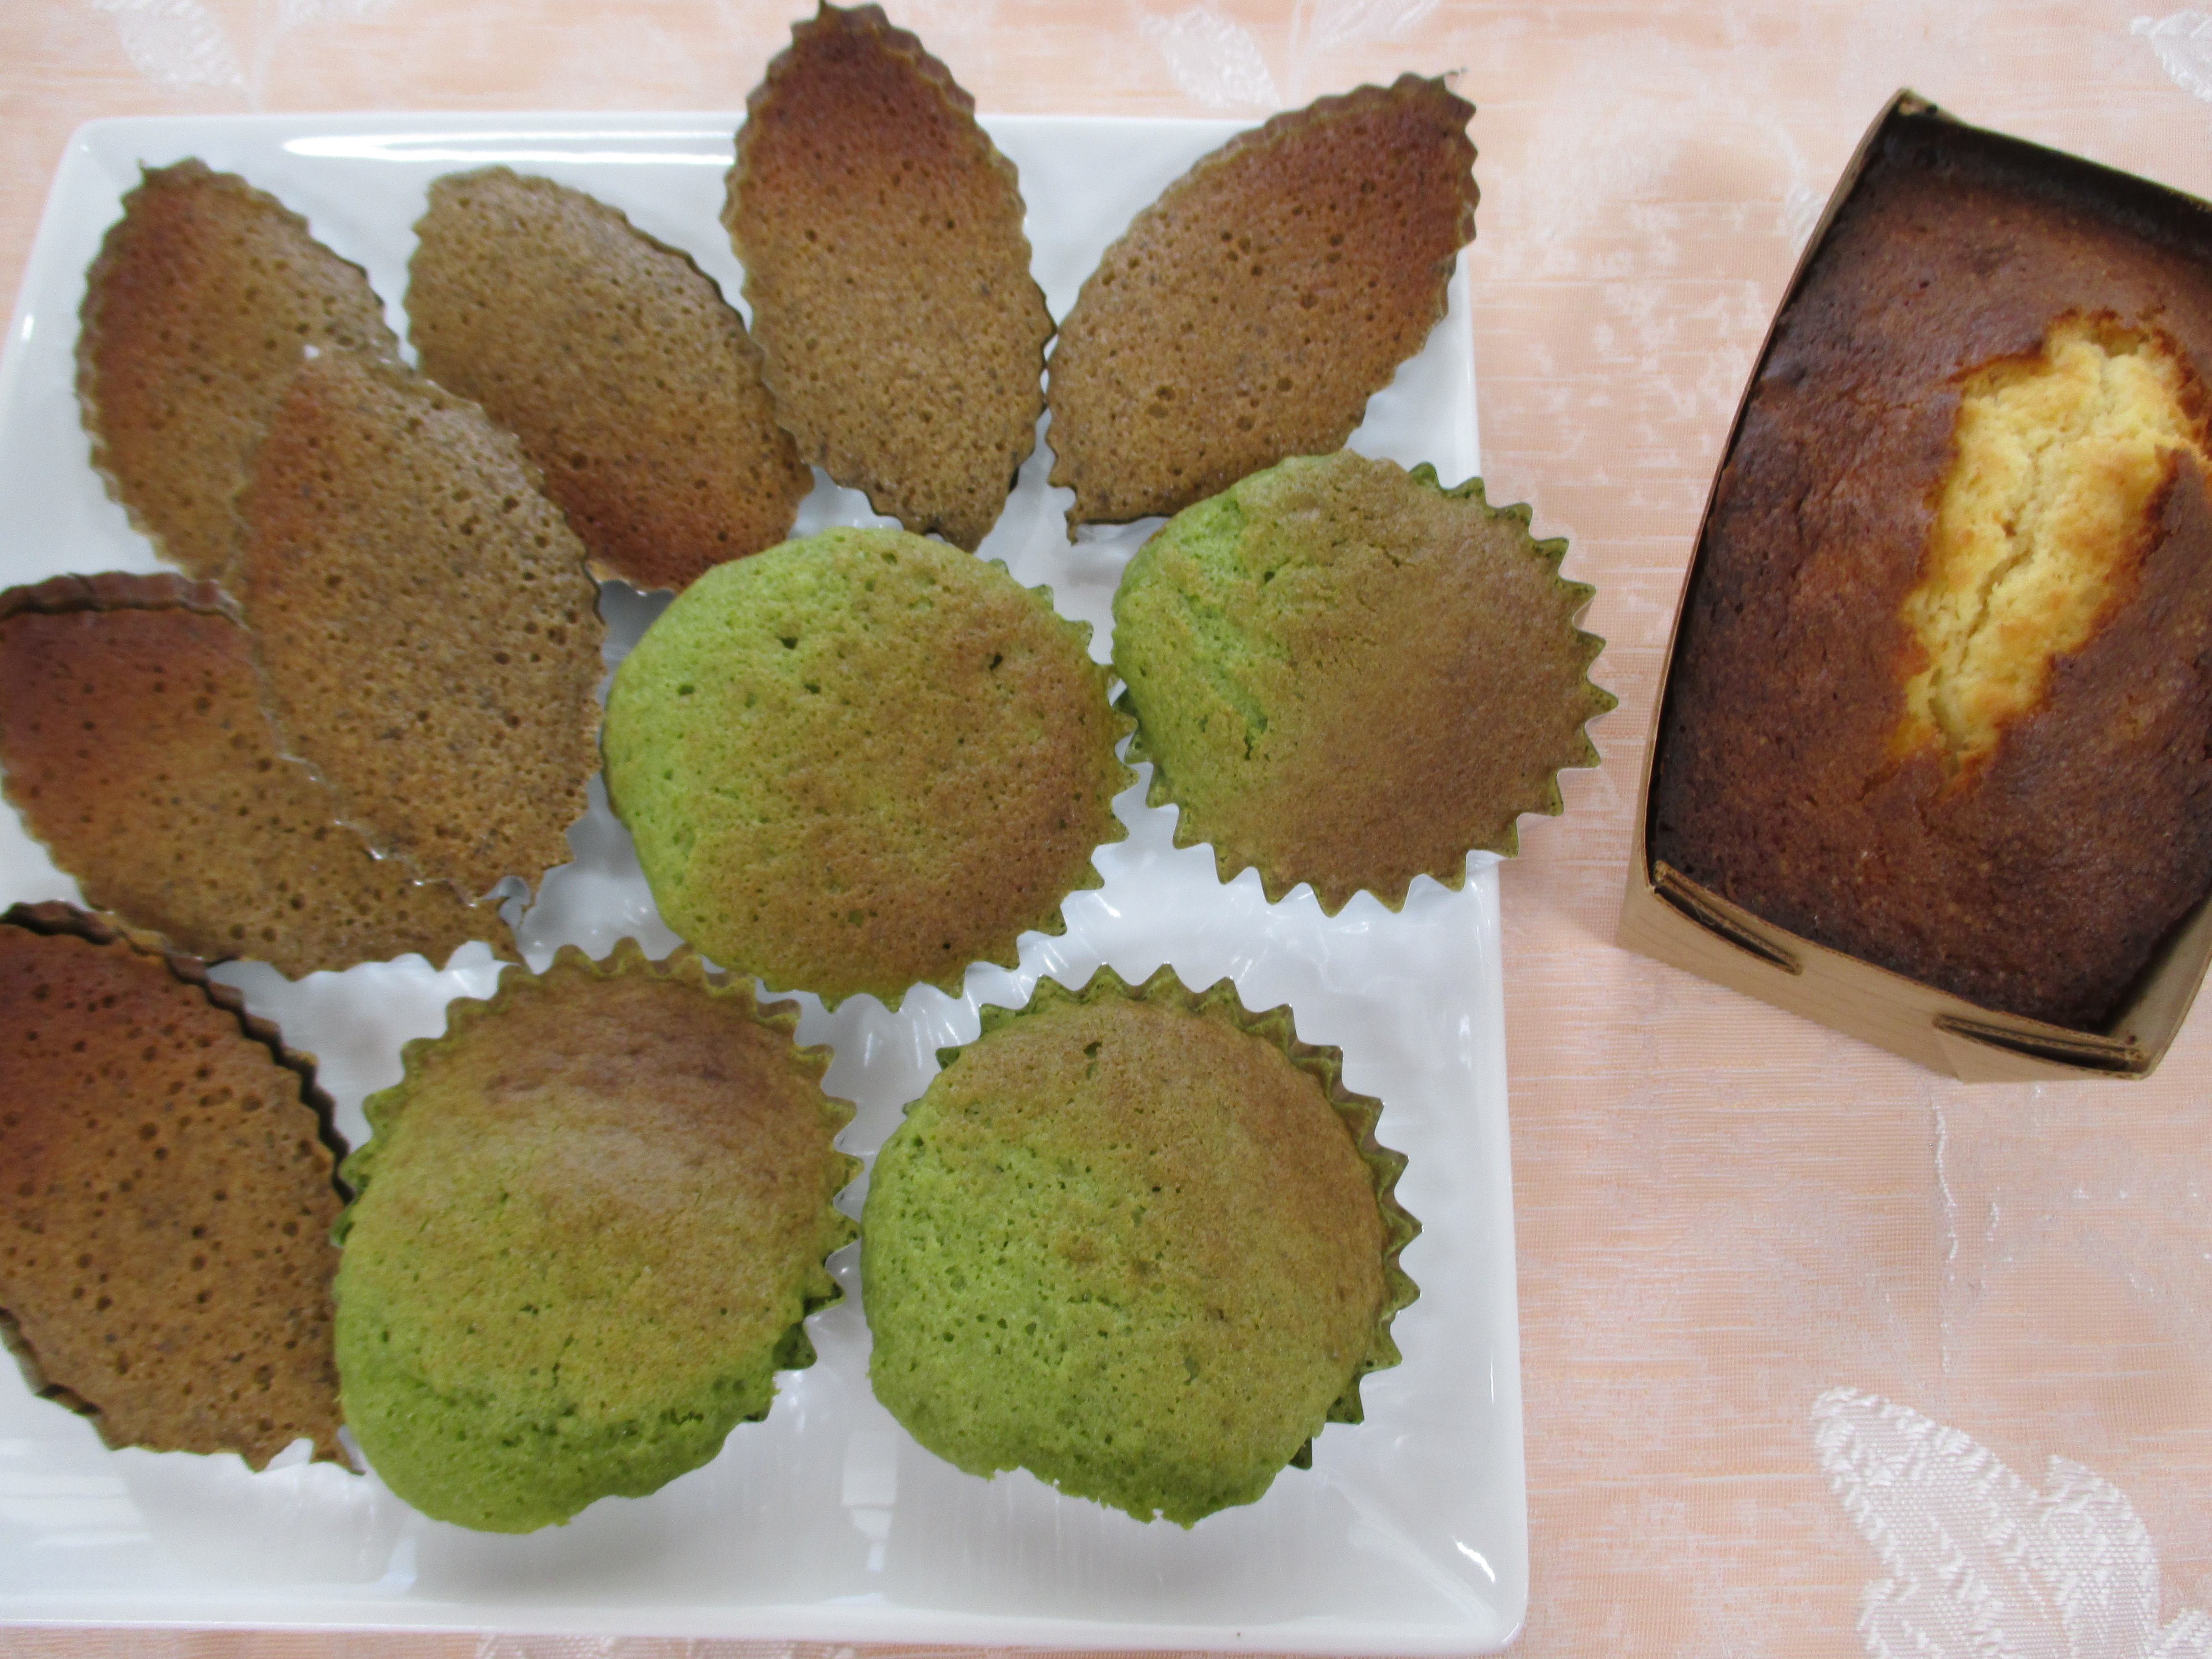 紅茶のフィナンシェ、抹茶マドレーヌ、オレンジケーキ